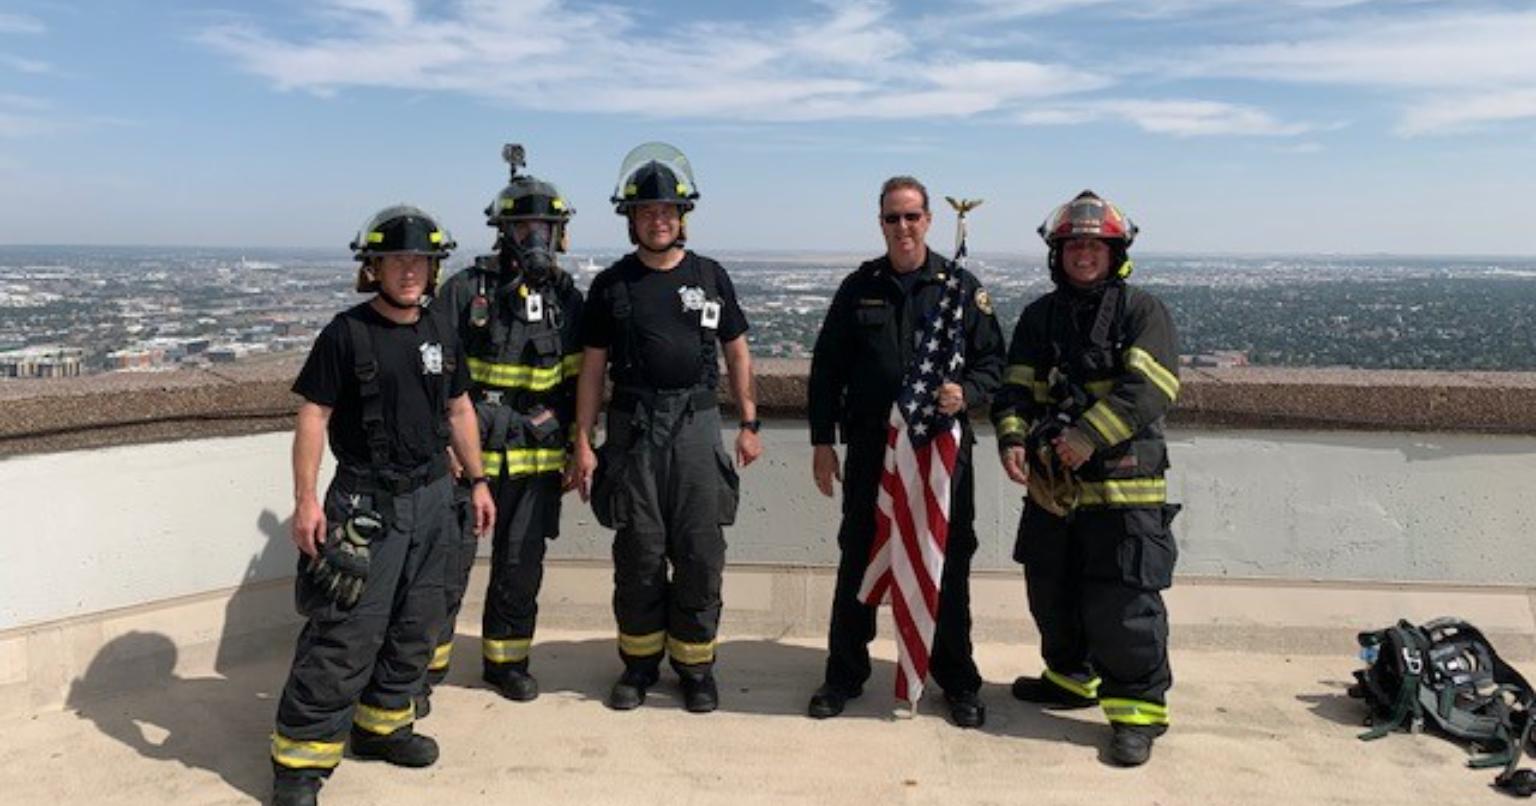 les pompiers de la ville de commerce en pleine vitesse debout au sommet du bâtiment après avoir terminé la montée de l'escalier commémoratif